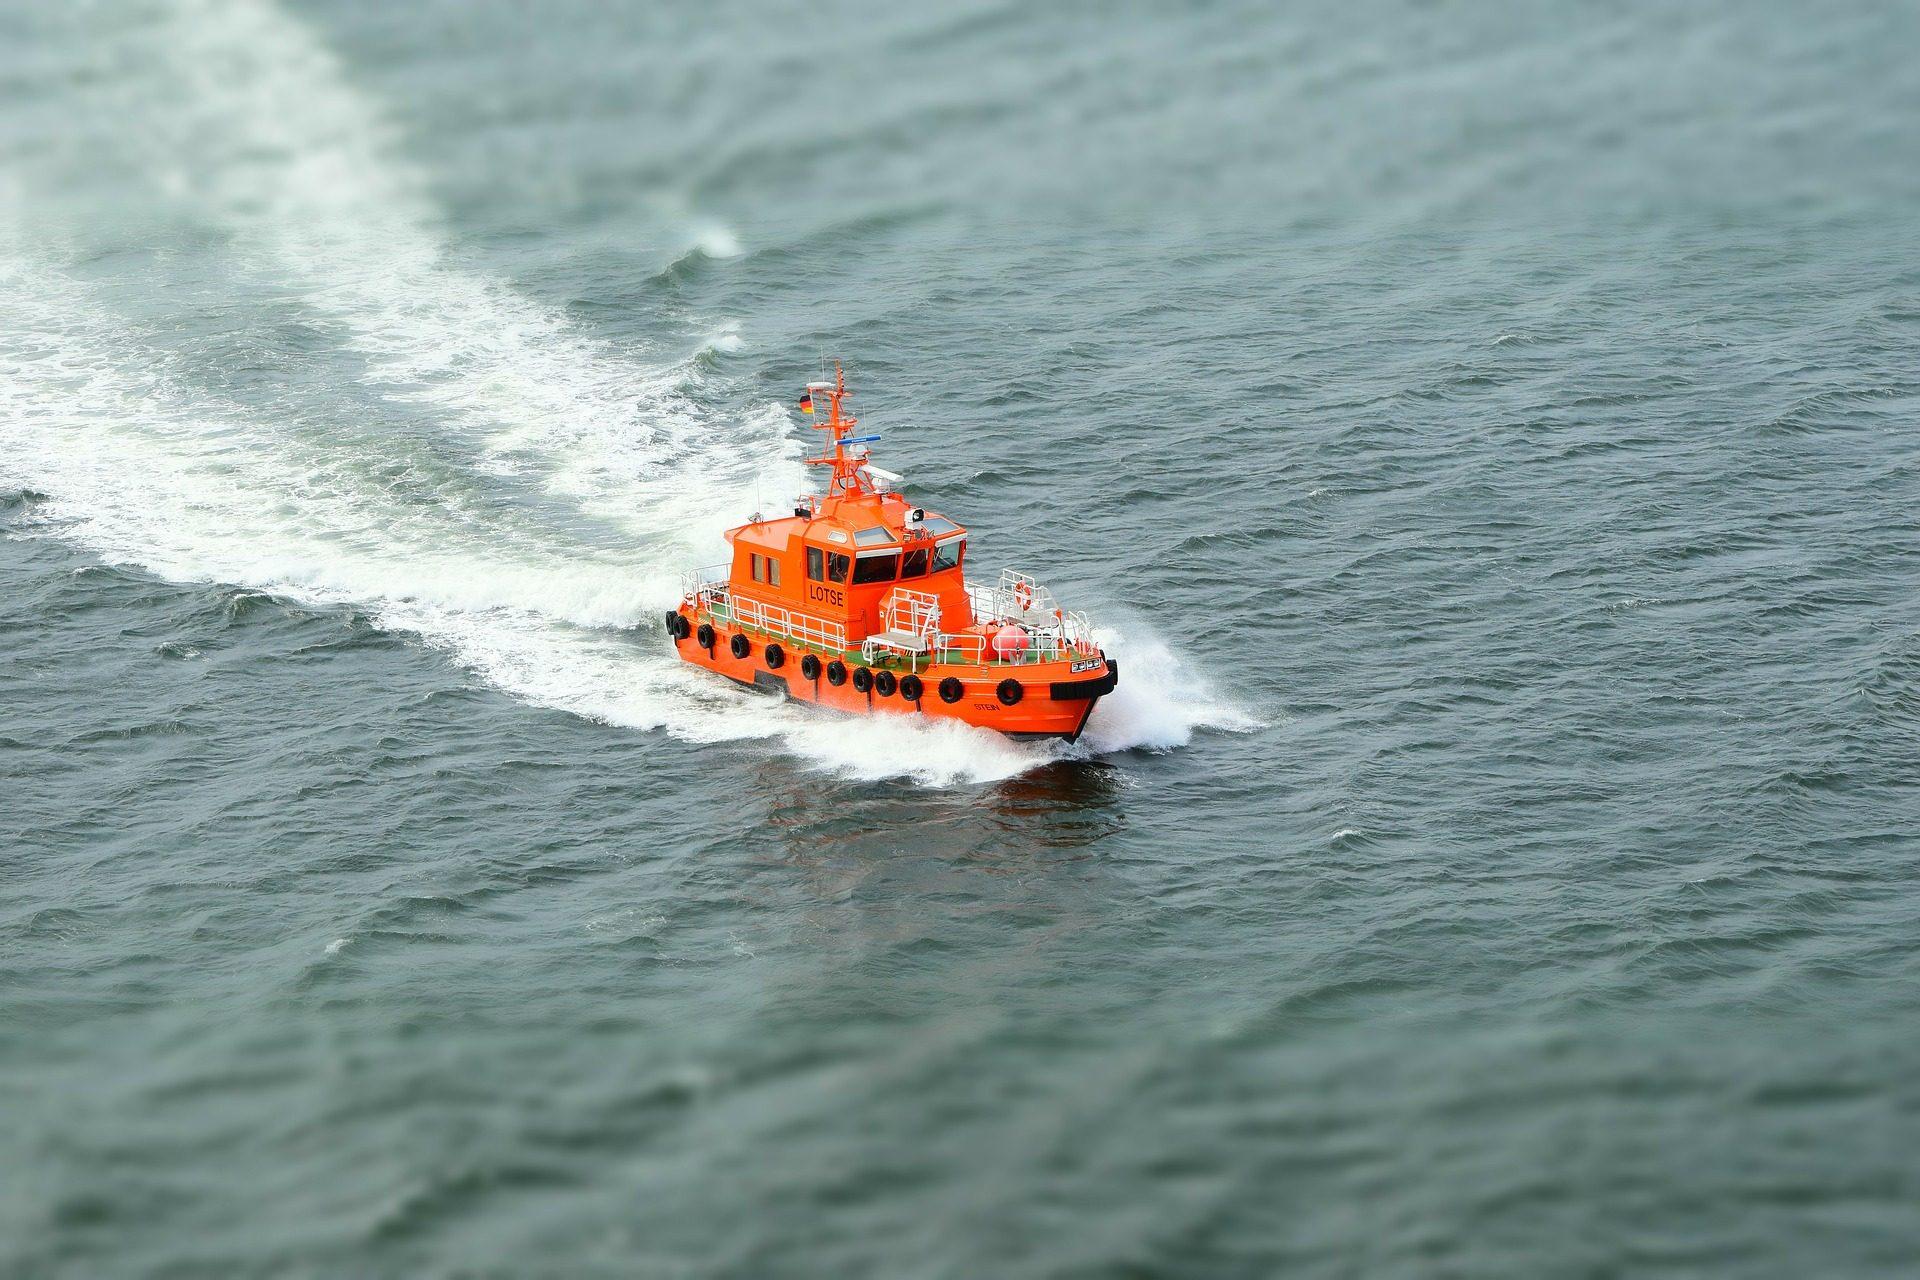 barco, lancha, salvamento, guardacostas, mar, velocidad - Fondos de Pantalla HD - professor-falken.com